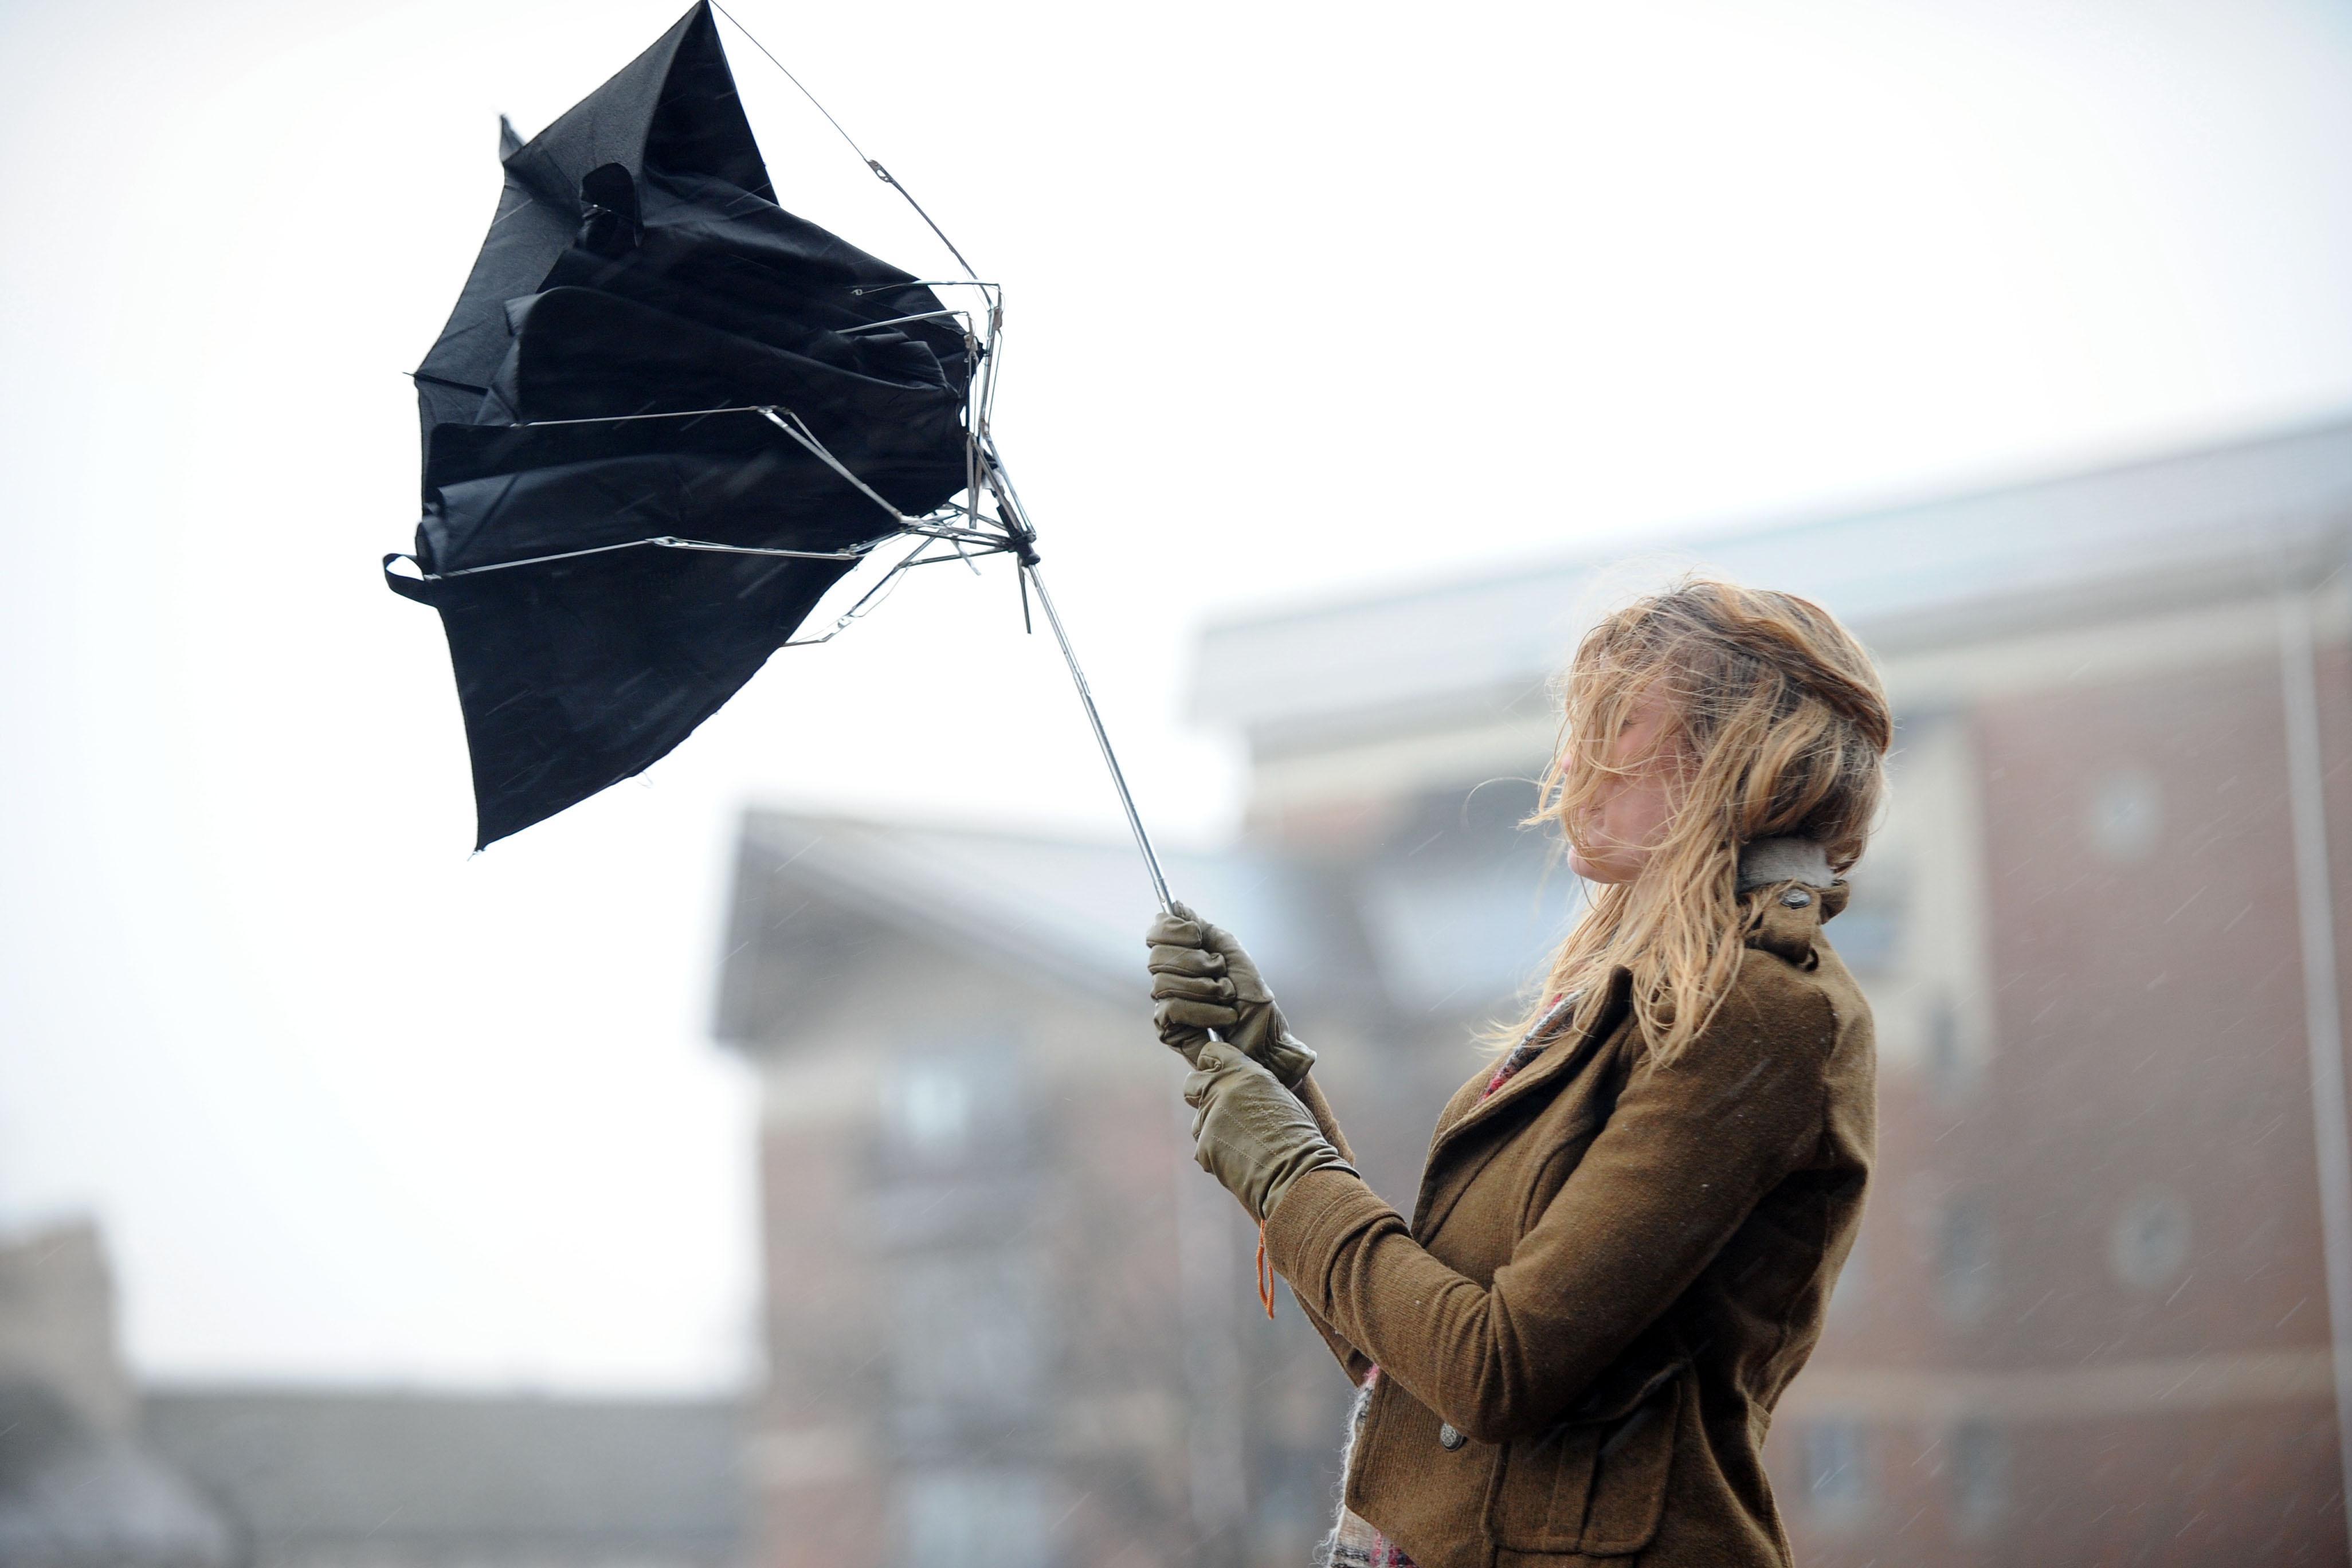 На Закарпатті оголосили штормове попередження: чого очікувати